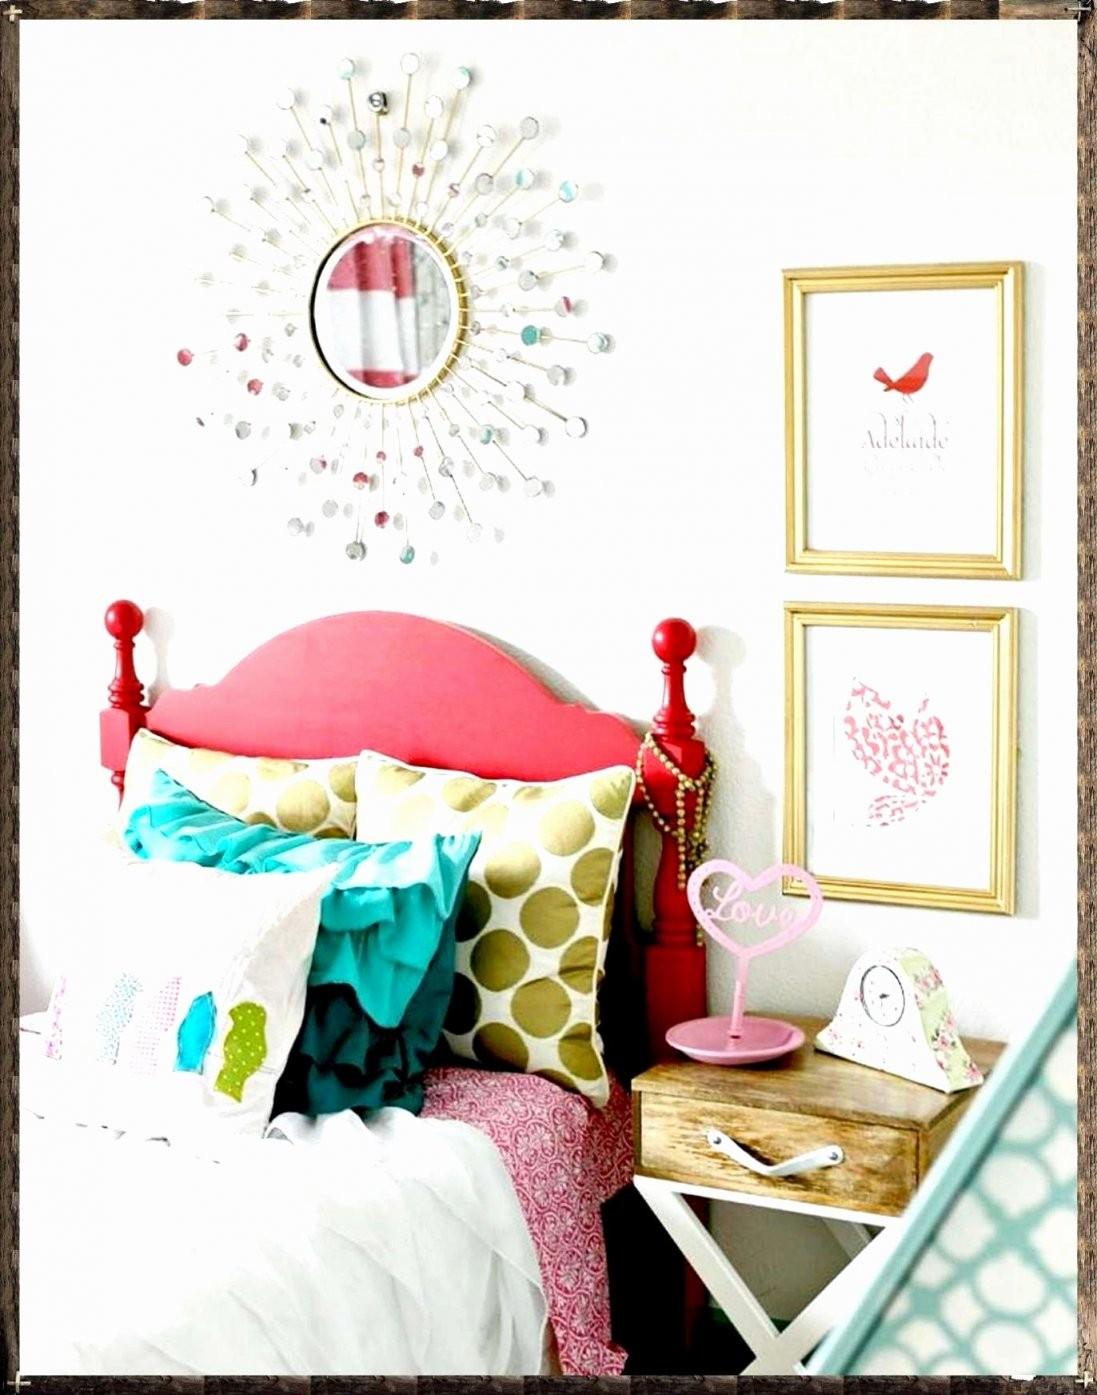 Wandtattoo Selber Gestalten Line Inspirational Bad Tr Sticker Von von Wandtattoo Selber Gestalten Mit Fotos Bild